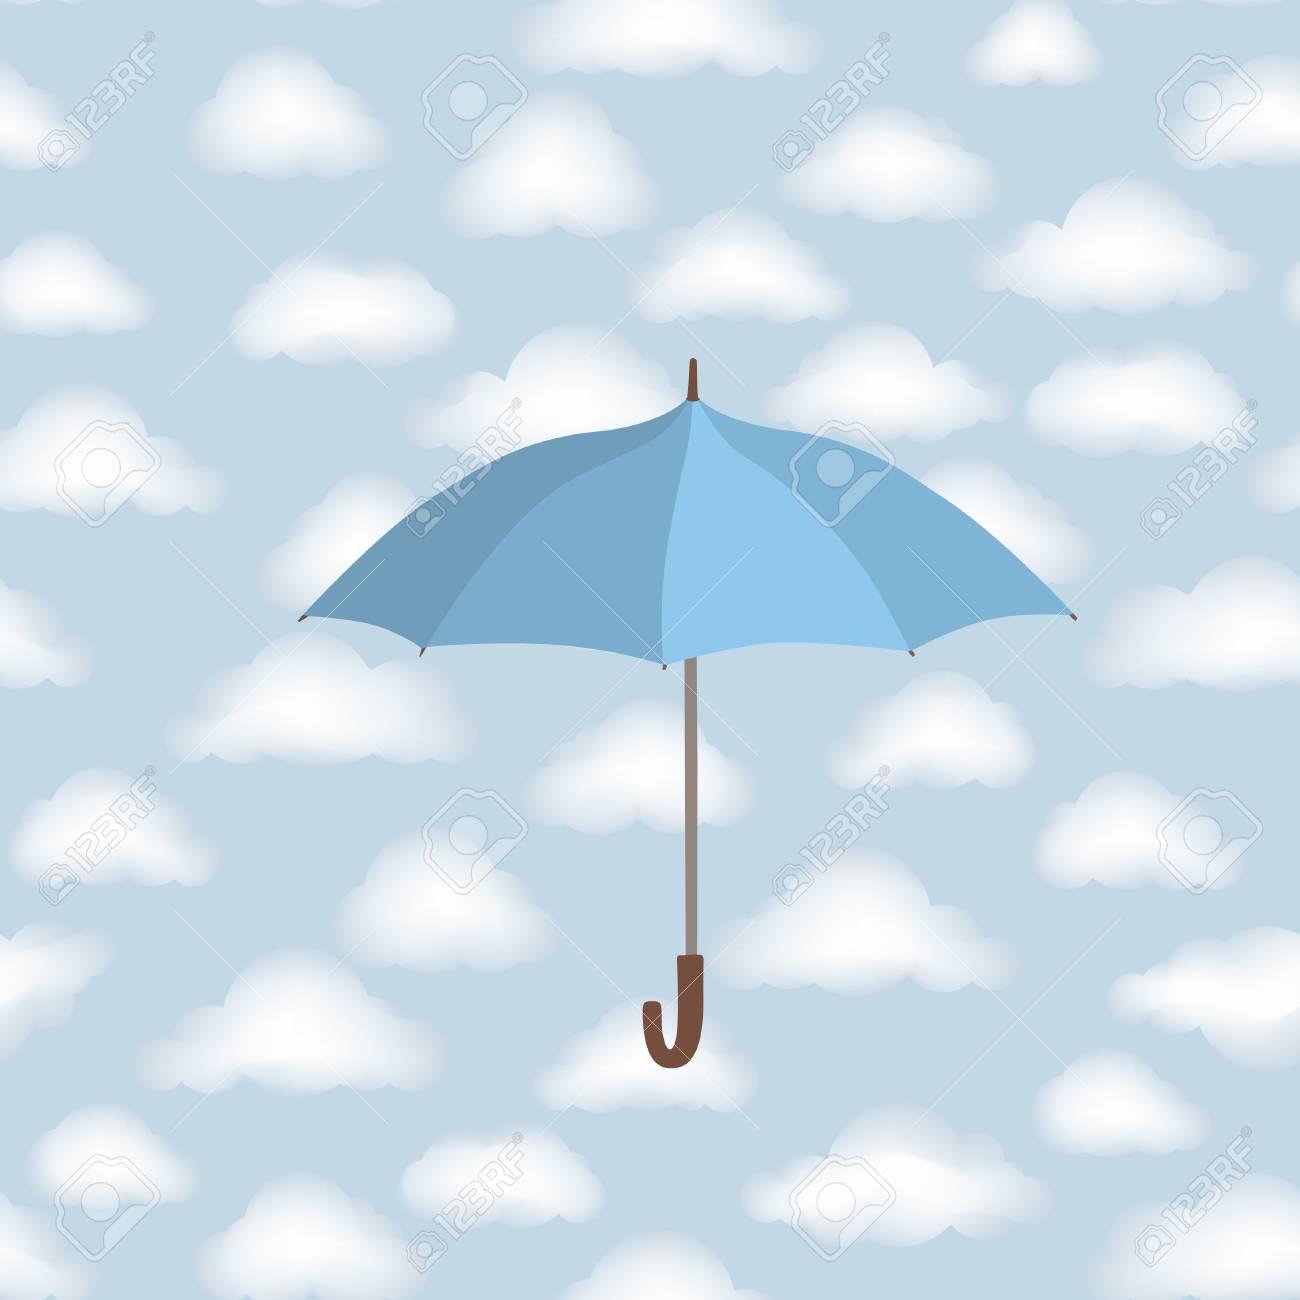 曇り空の背景の上の傘 雲のシームレスなパターン 天気壁紙のイラスト